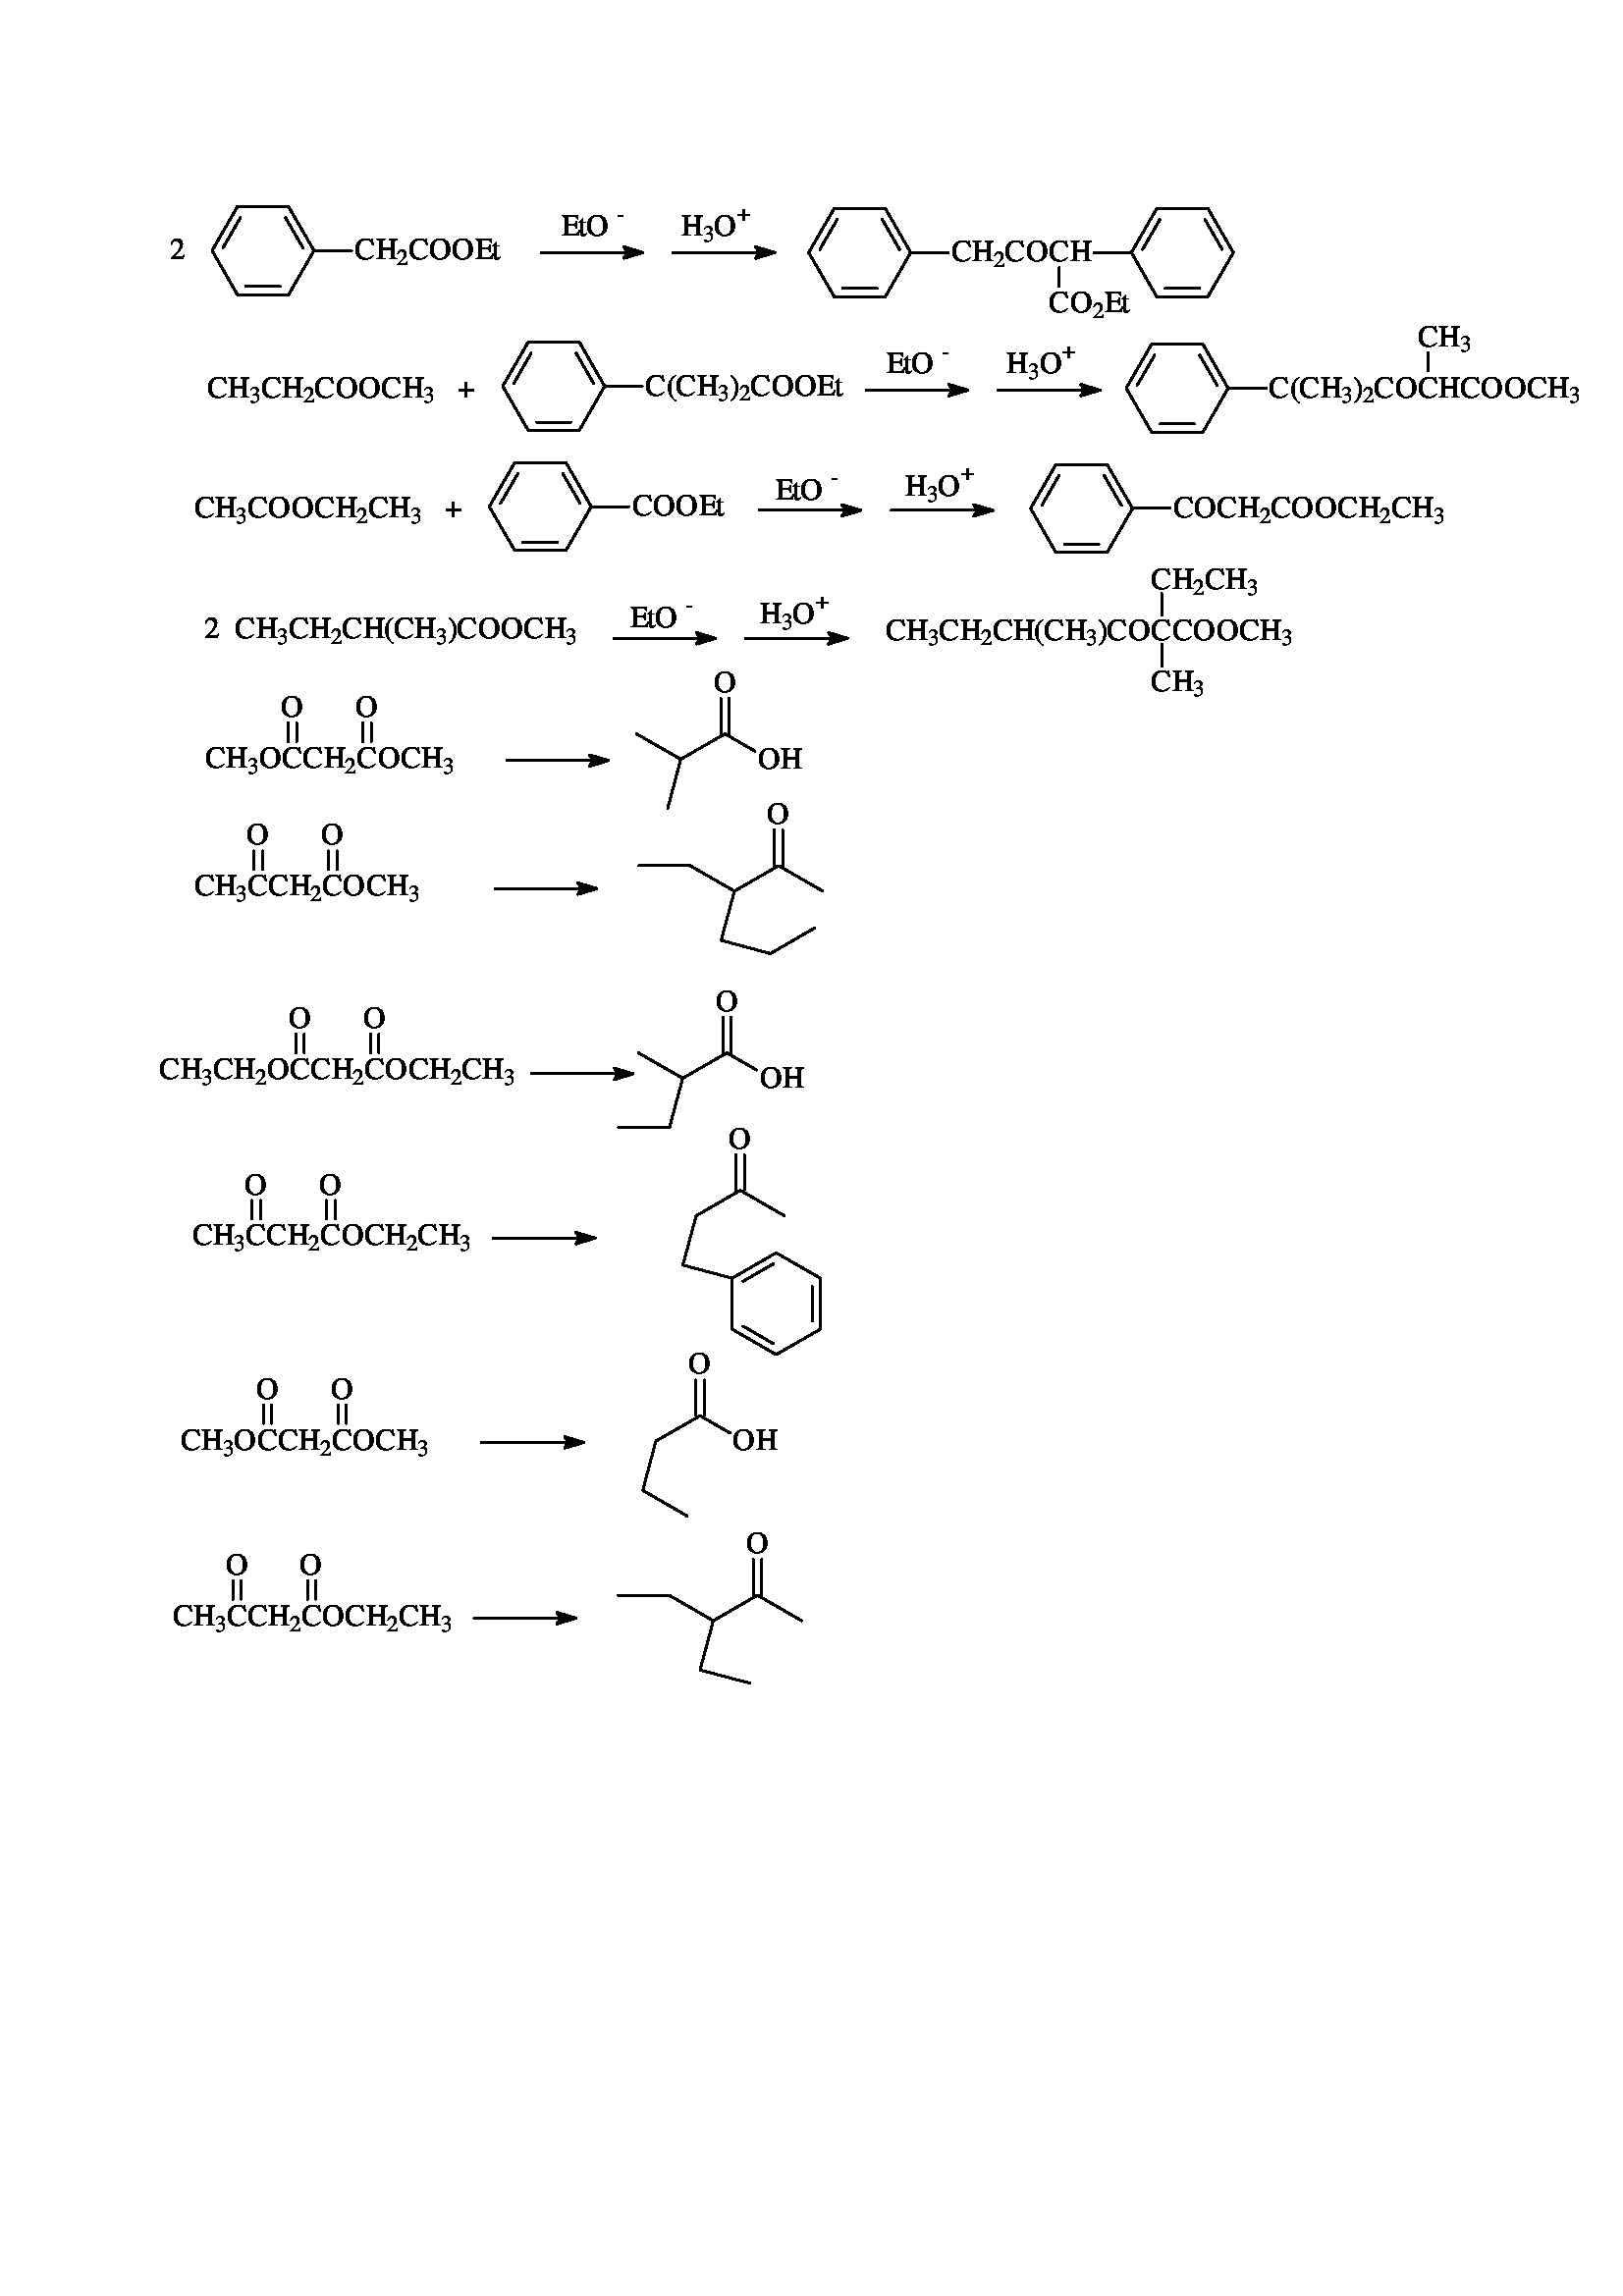 Chimica organica - Esercitazione